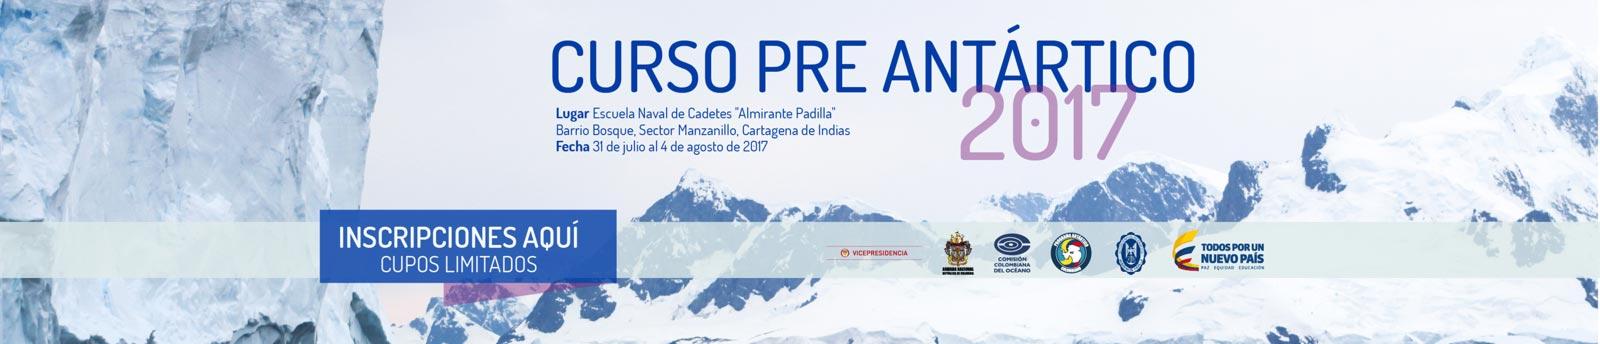 Inscripciones al curso preantártico 2017